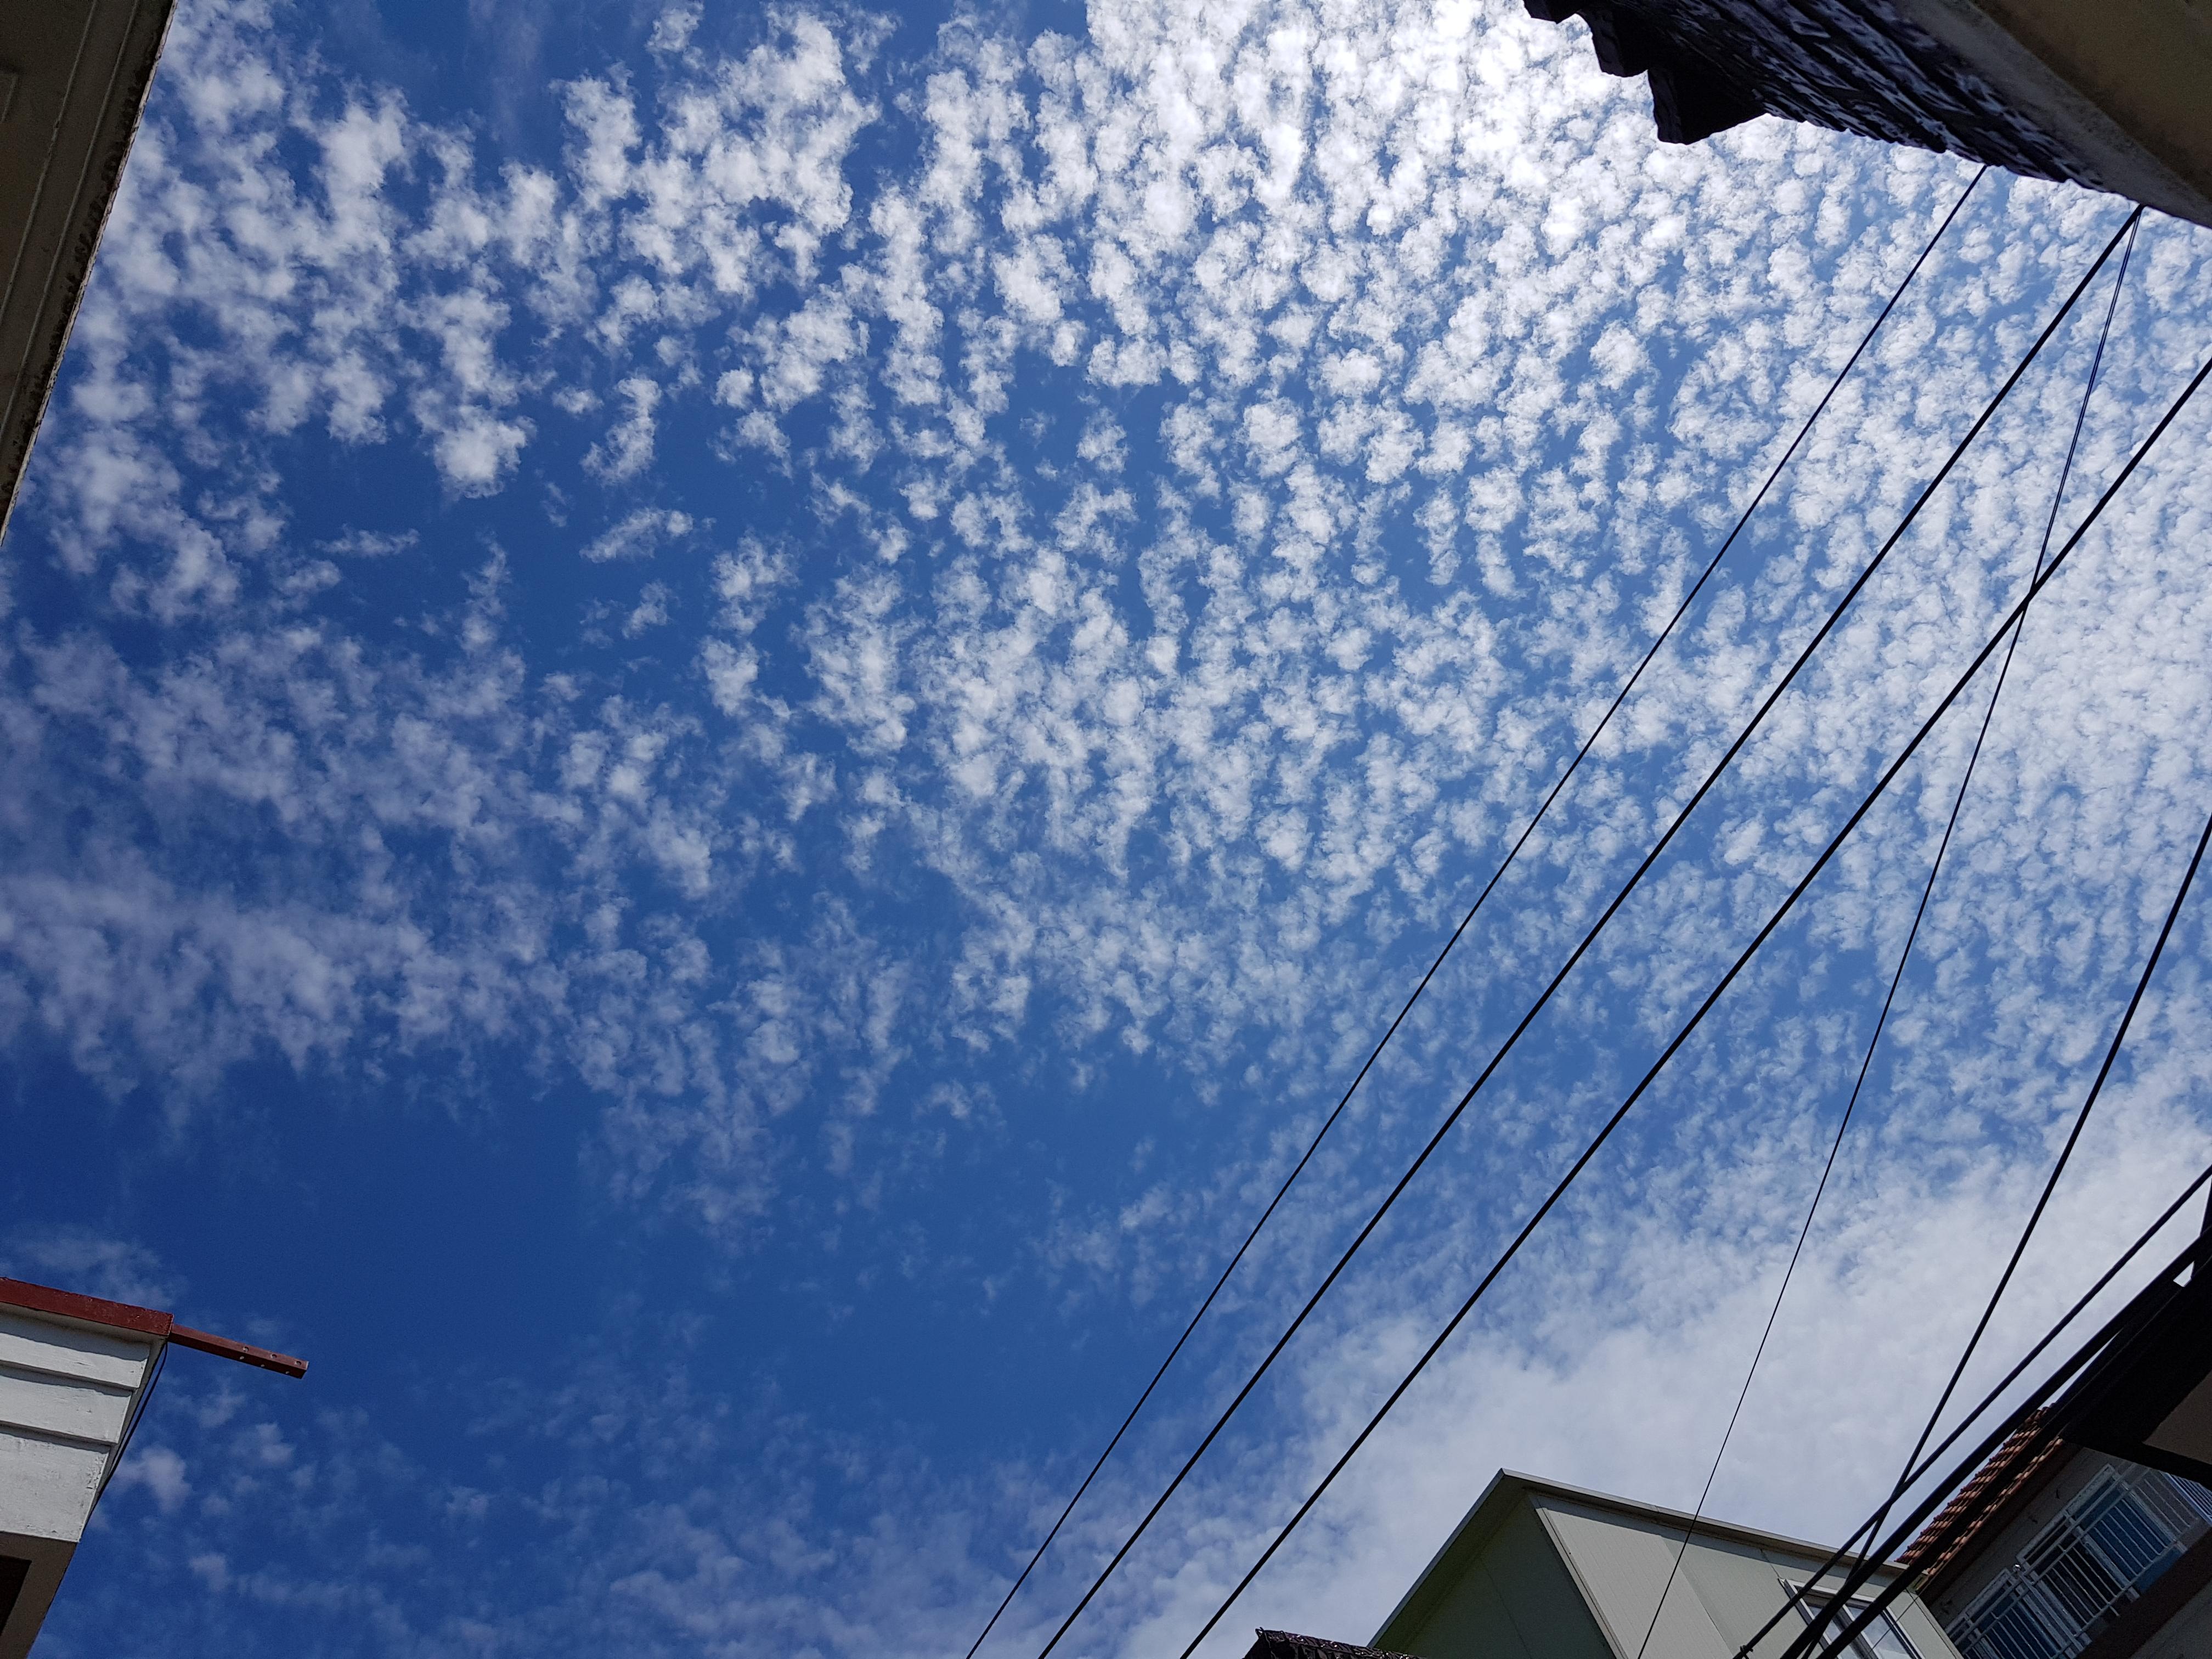 190830파란하늘.jpg